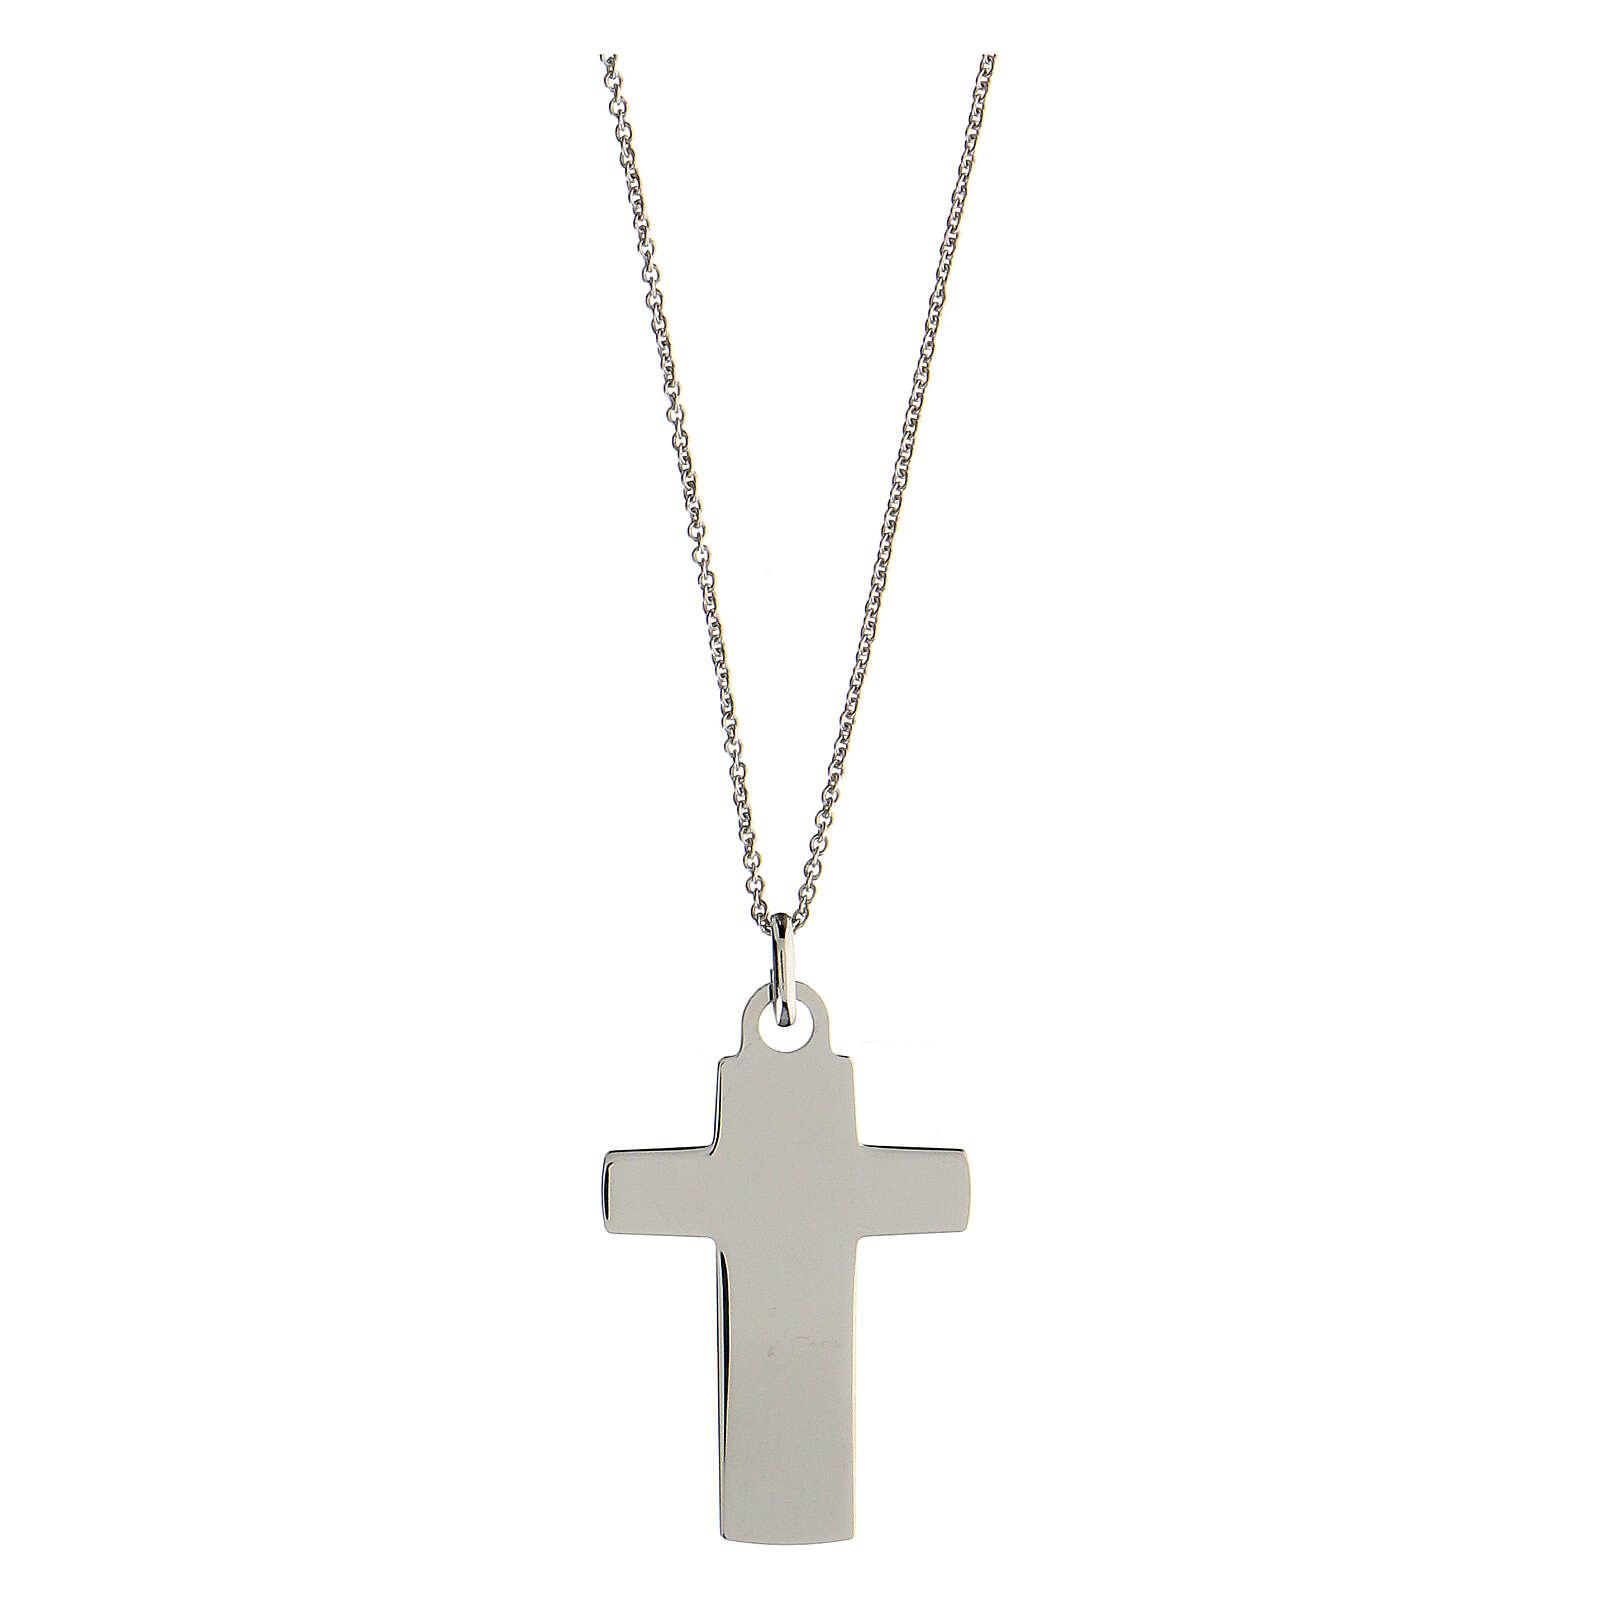 Collana croce incisa grande Vero Amore argento 925 4